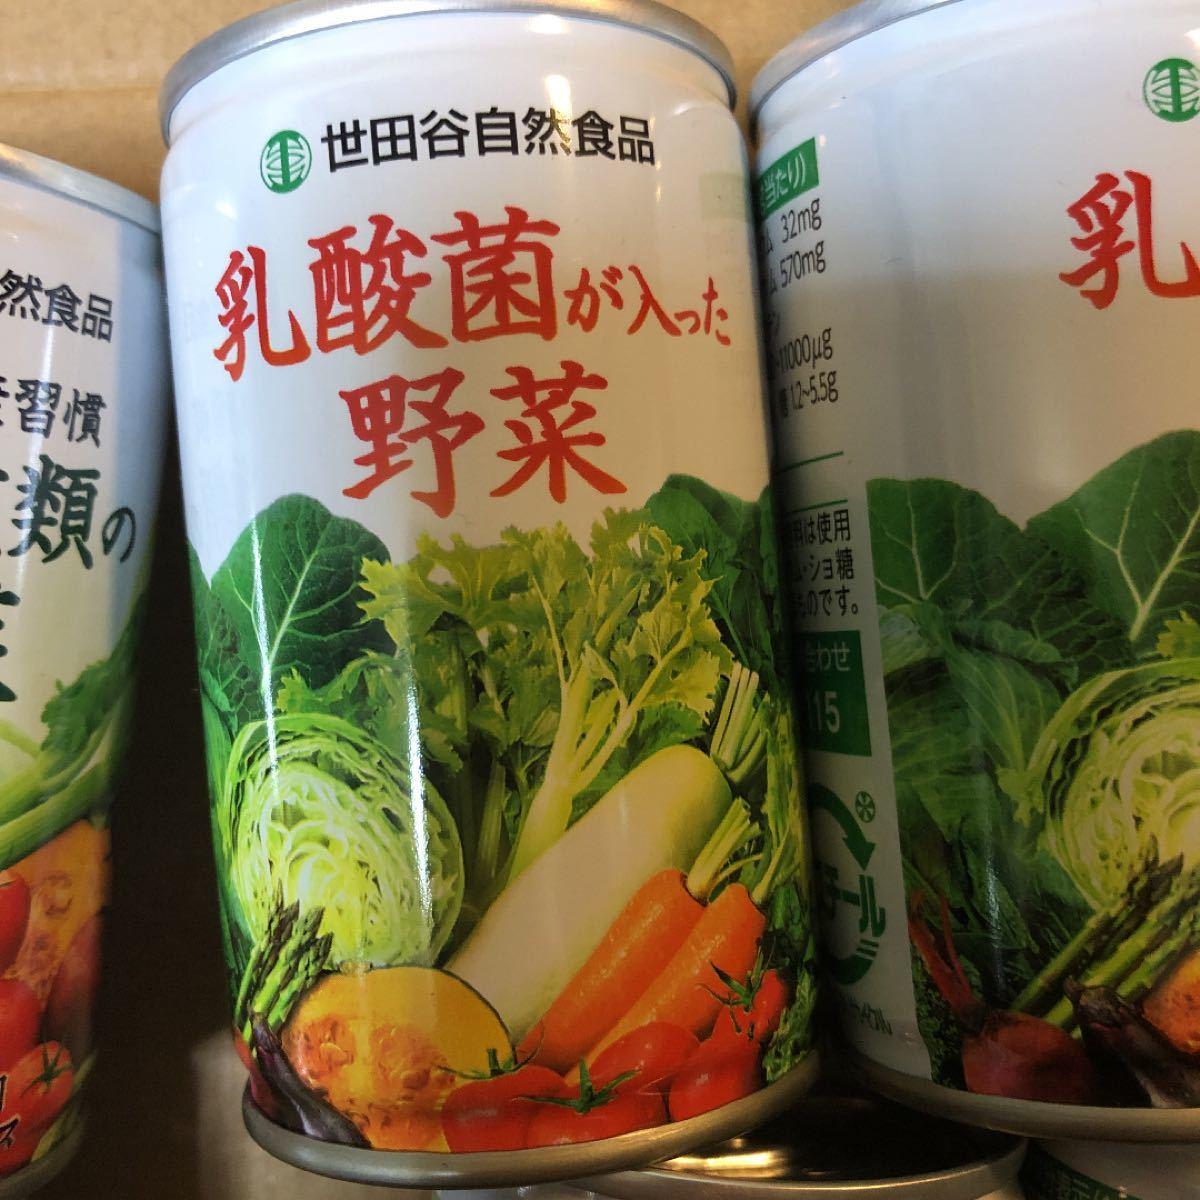 ジュース 世田谷 野菜 自然 食品